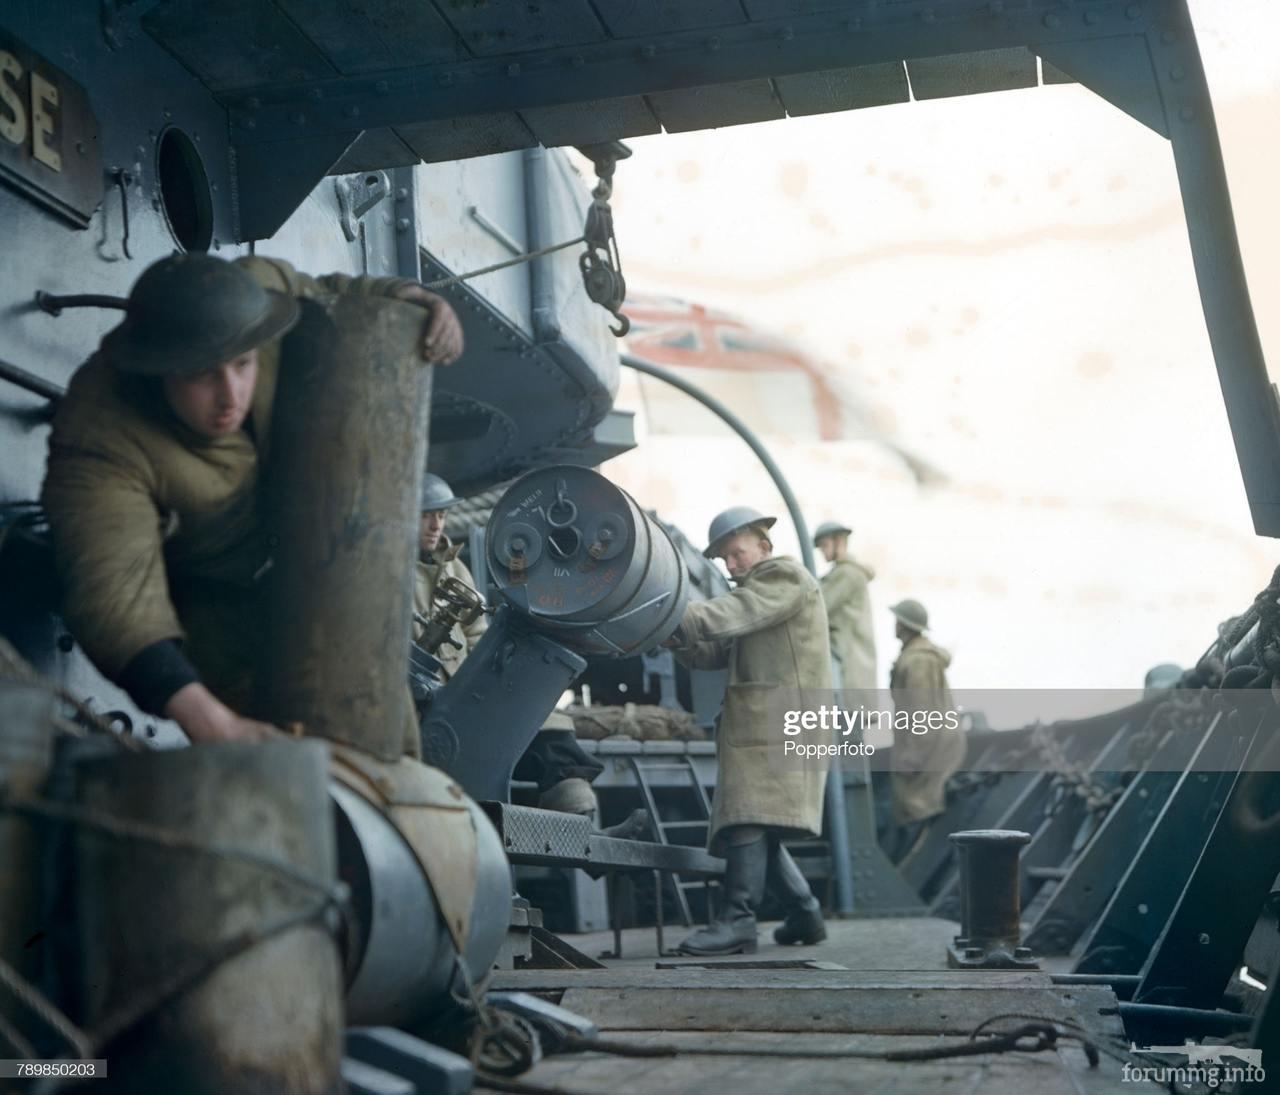 118973 - Военное фото 1939-1945 г.г. Западный фронт и Африка.